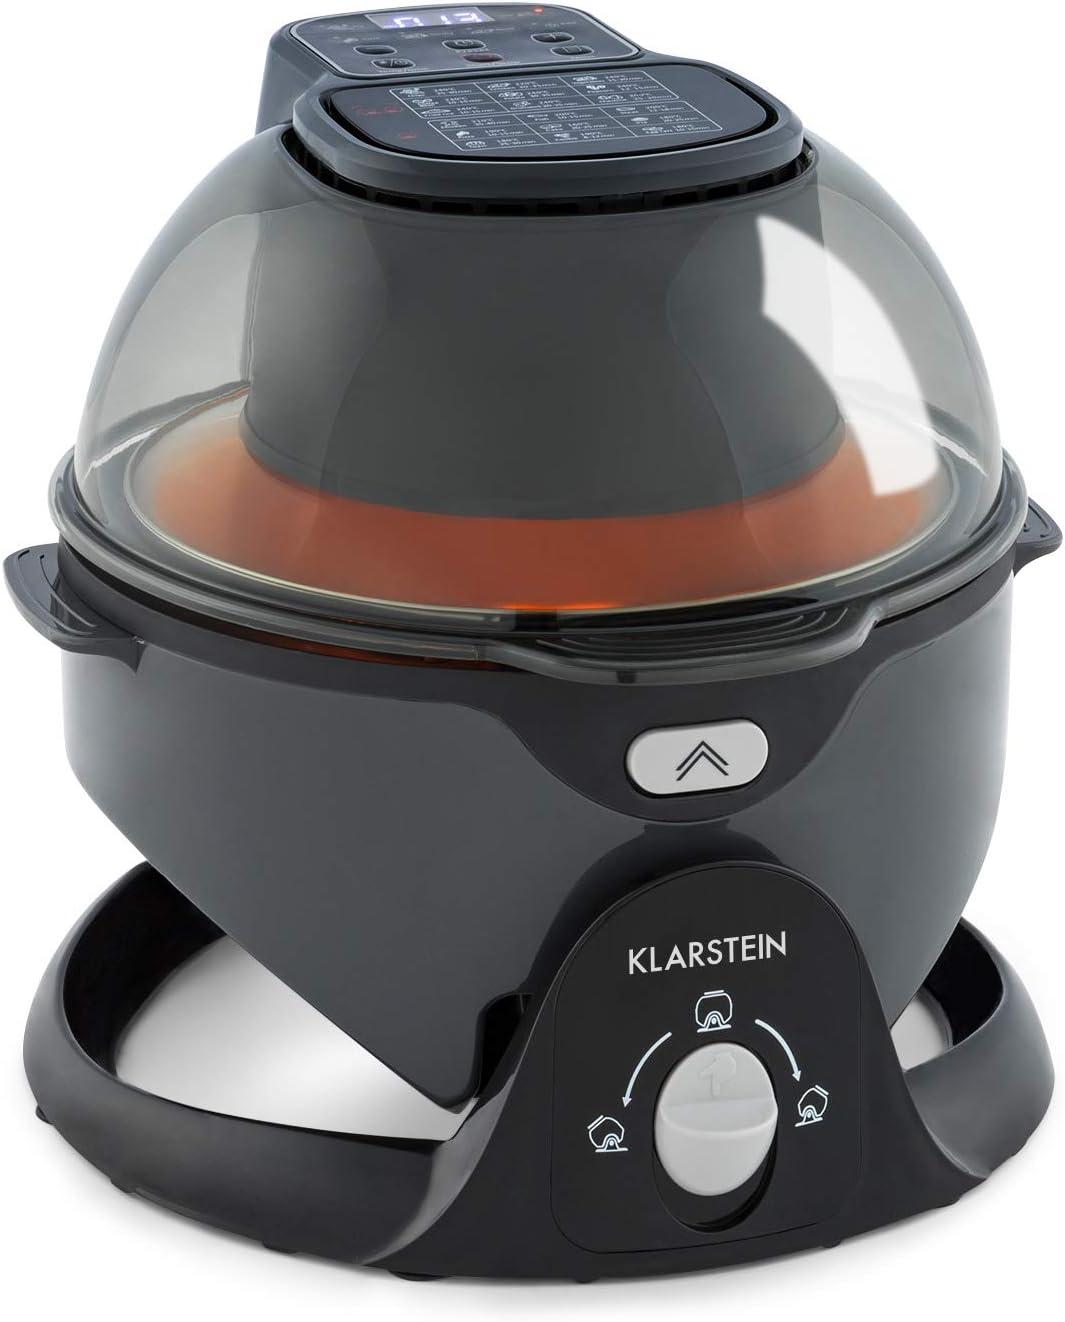 Klarstein VitAir Pommesmaster freidora de aire caliente - 1400 W, de 50-240 °C, sistema de rotación, cocinado a 360°, panel digital, programable hasta 60 min, fuente de calor de carbono, negro: Amazon.es: Hogar